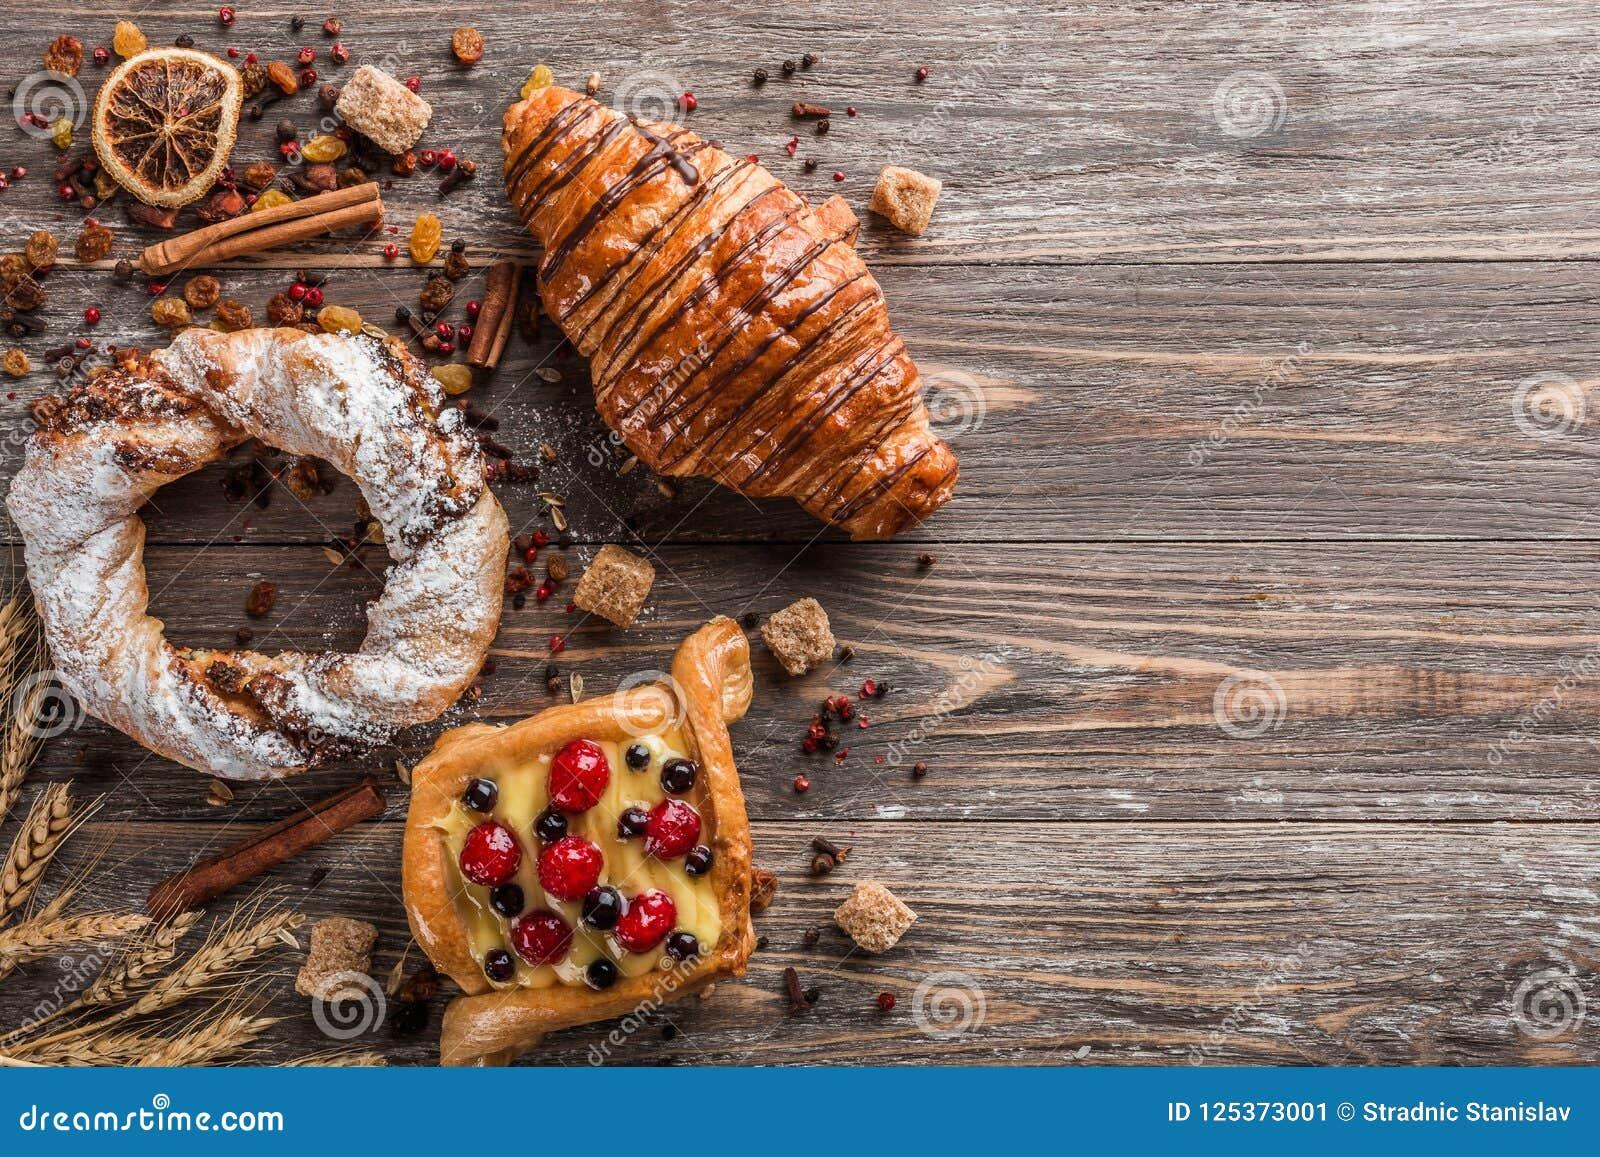 甜面粉产品、粗糖立方体、桂香和干种子